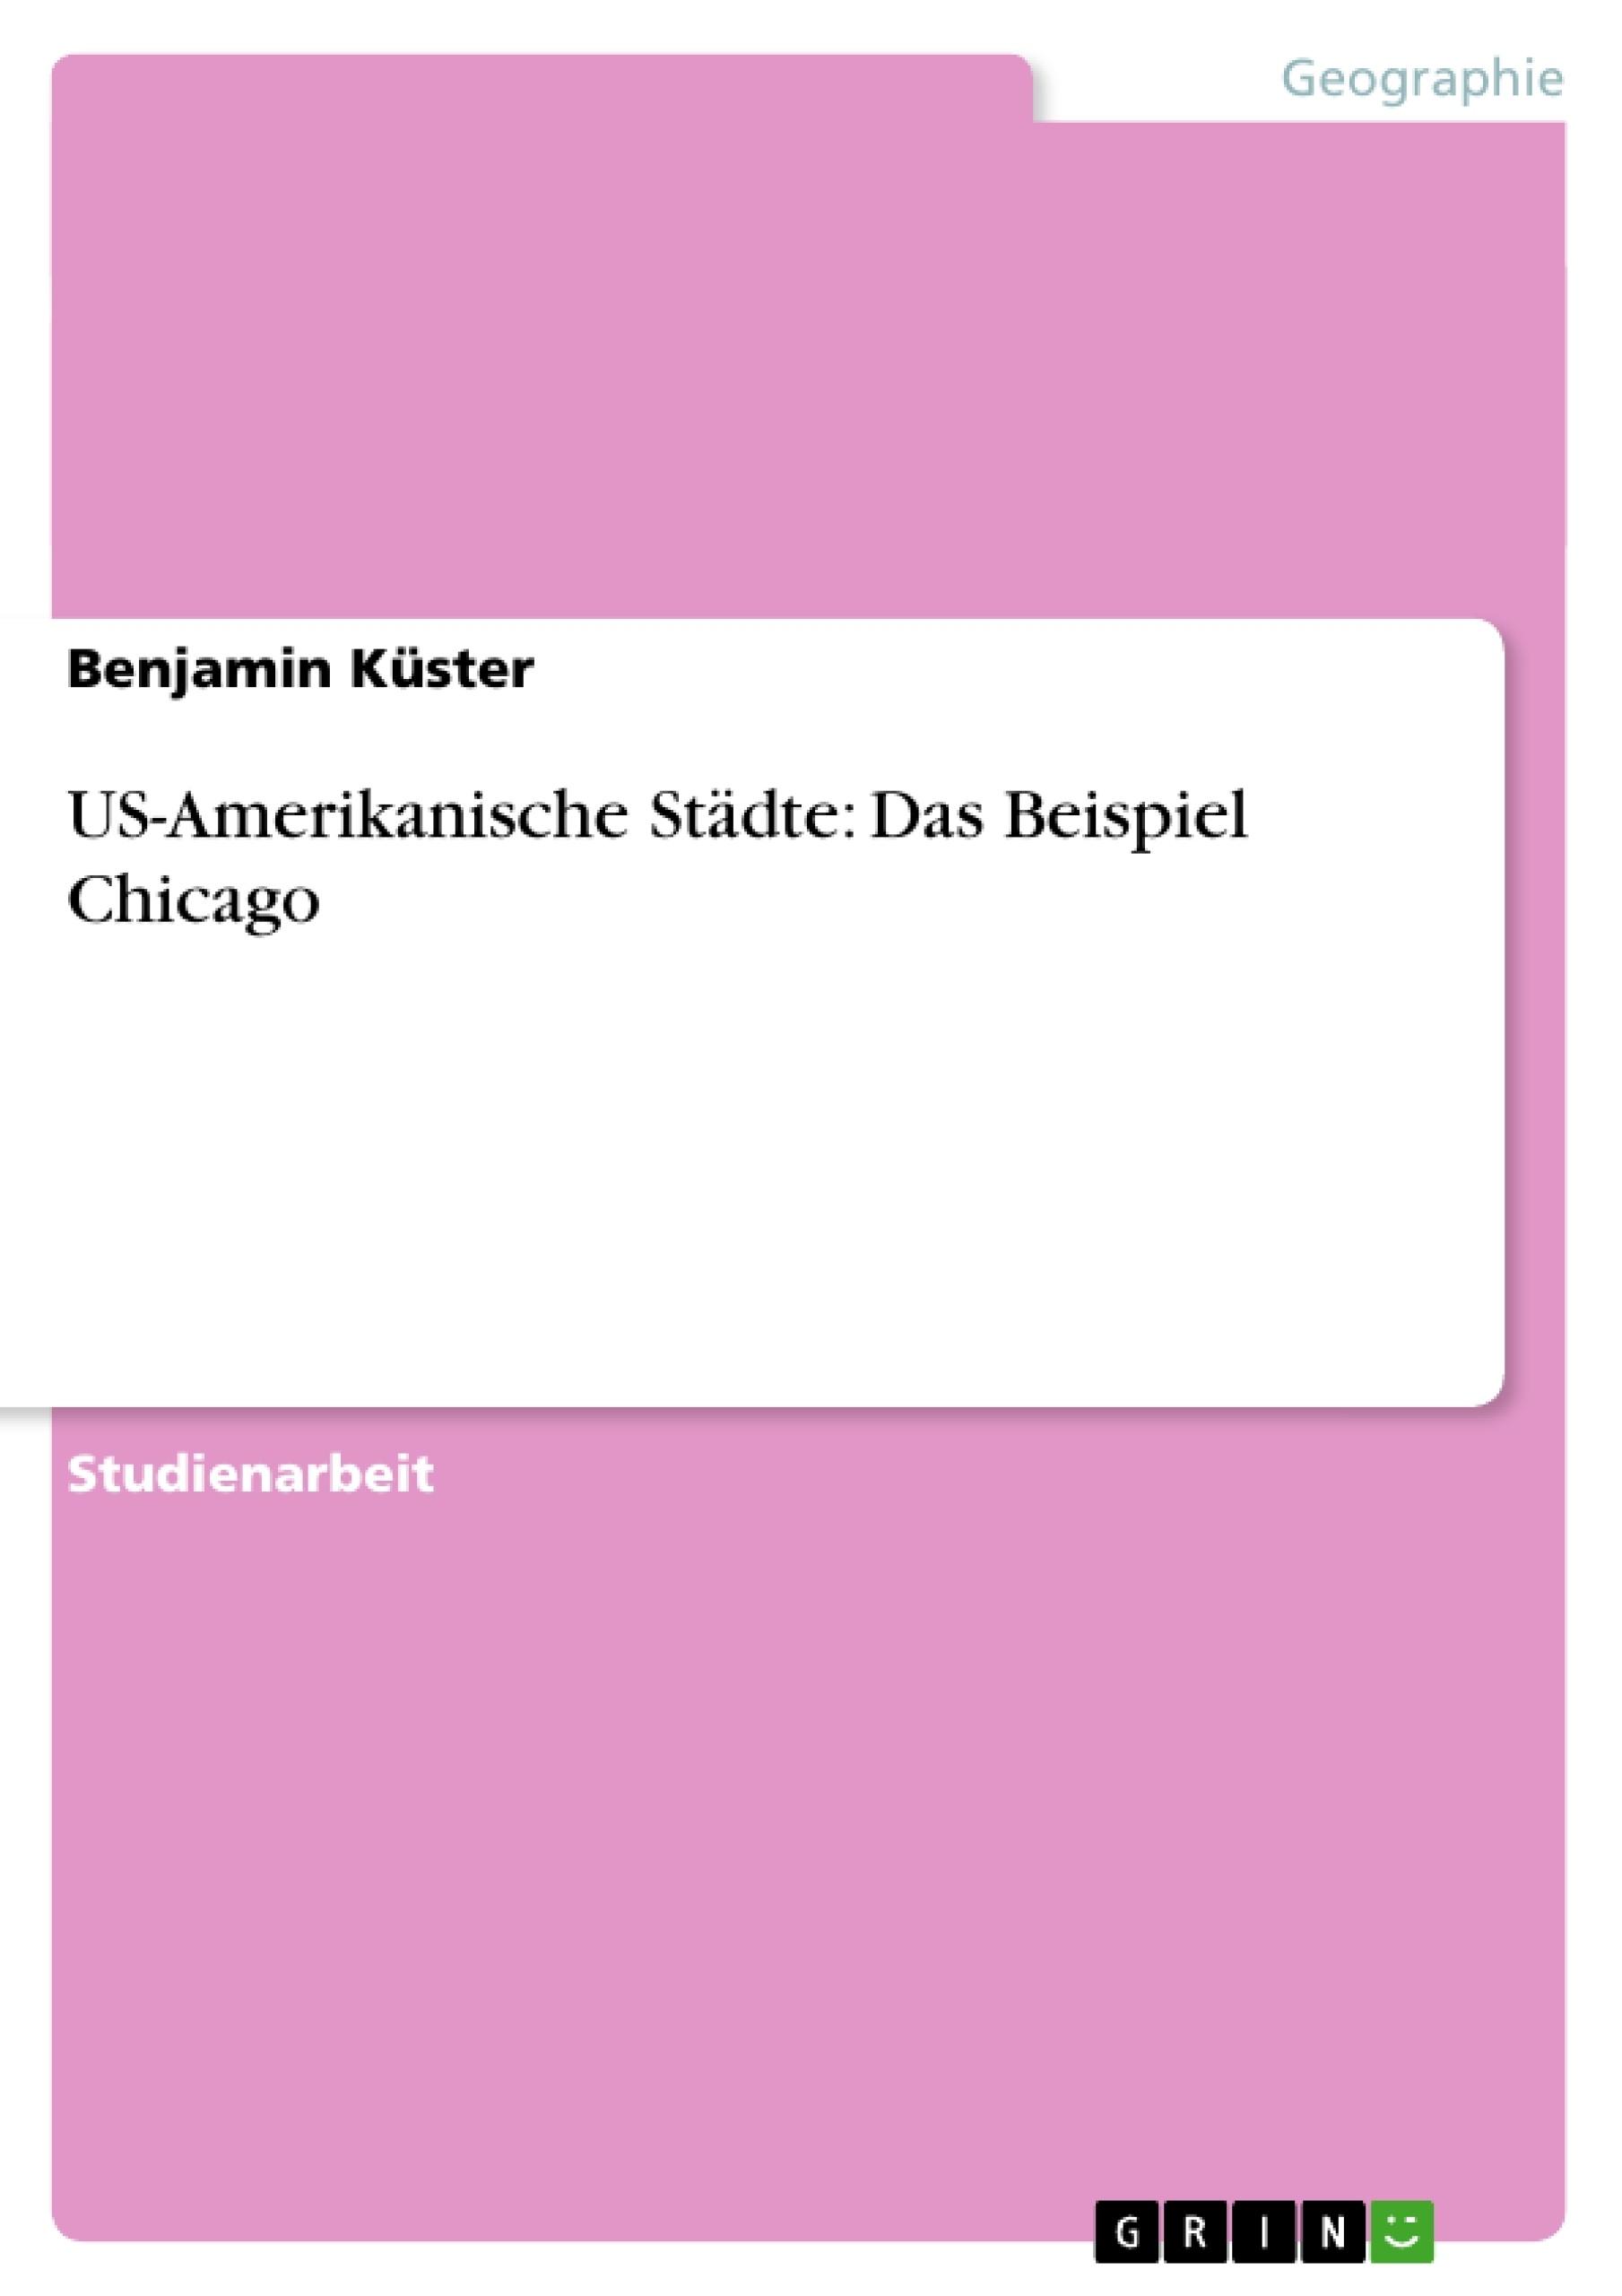 Titel: US-Amerikanische Städte: Das Beispiel Chicago